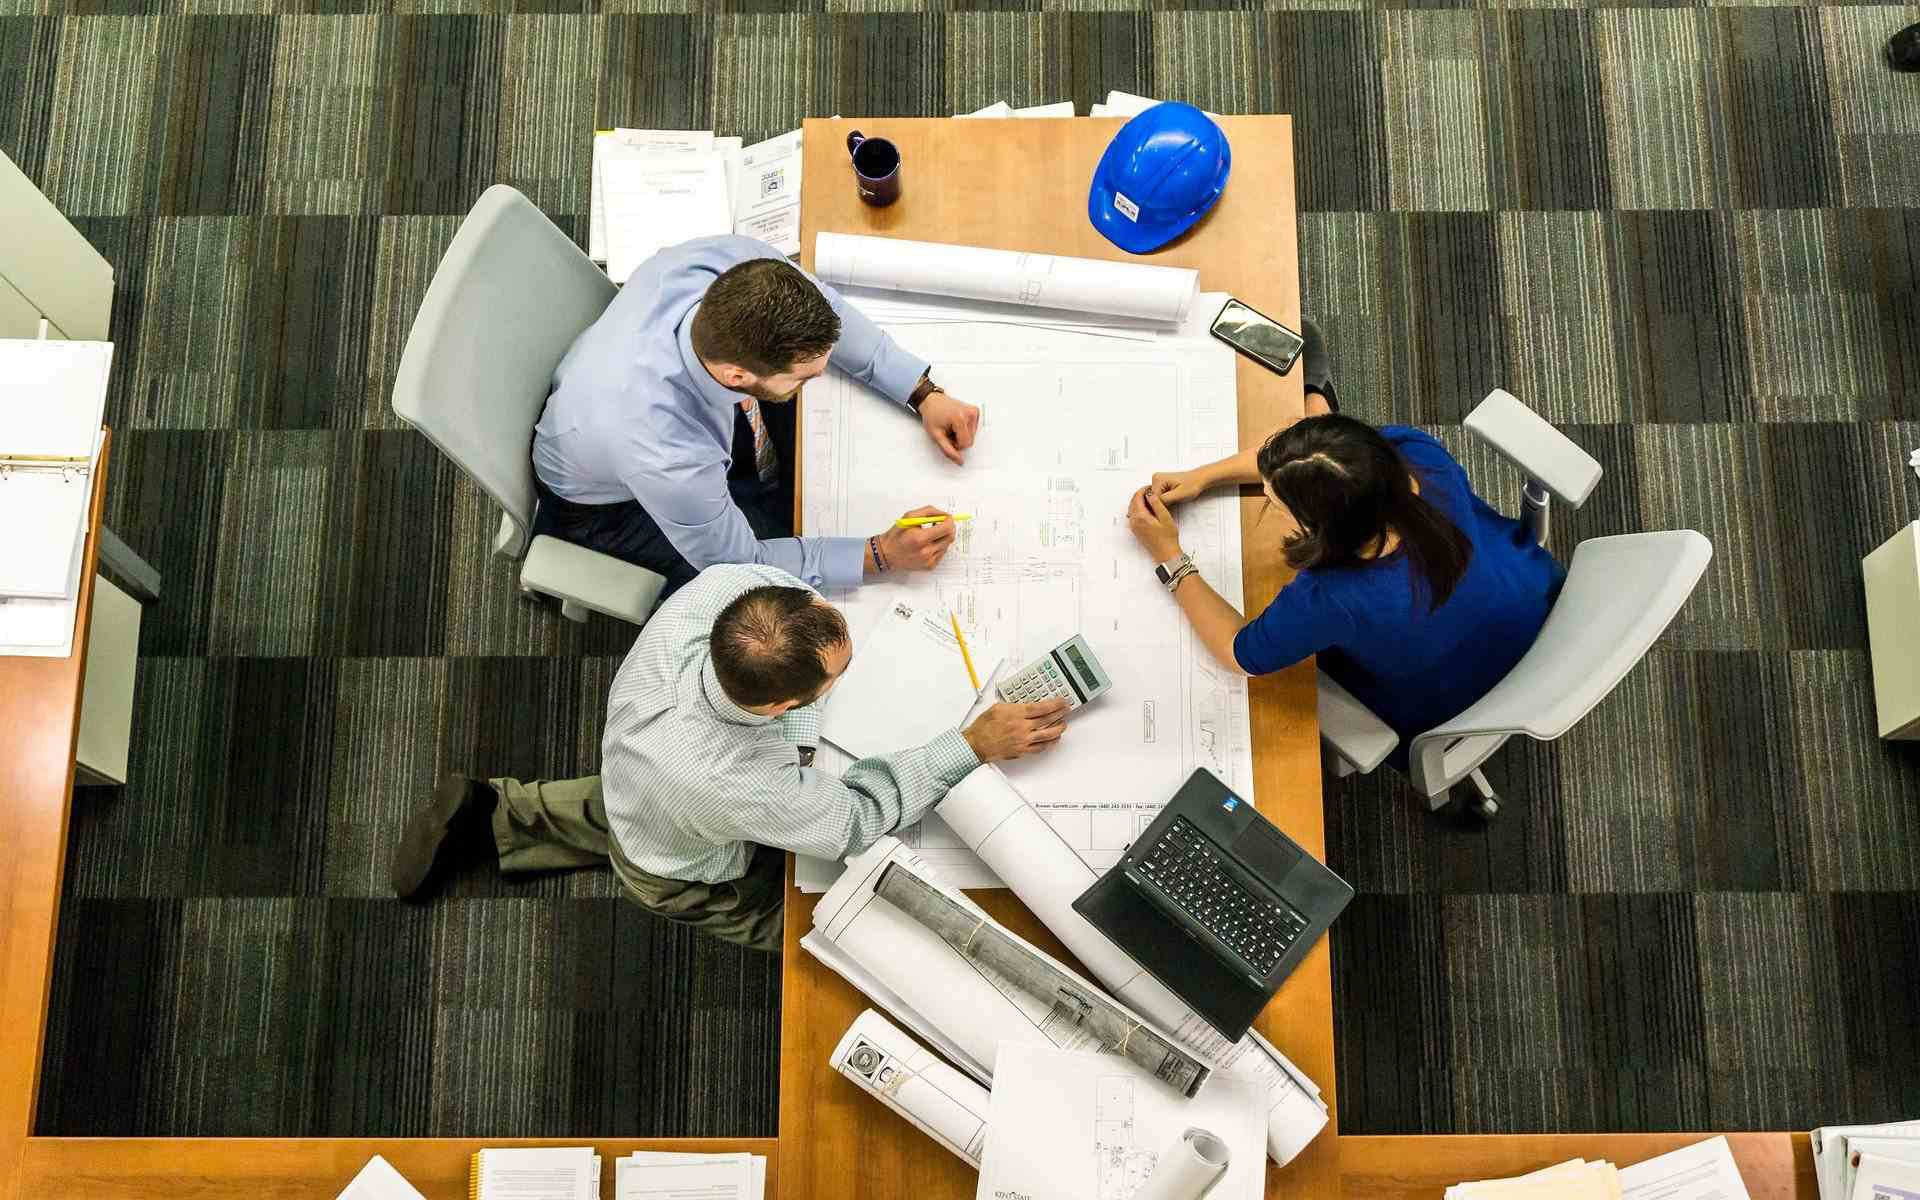 Wettbewerbsvorteile durch systematische, strategische und objektive Fachkräfteentwicklung?